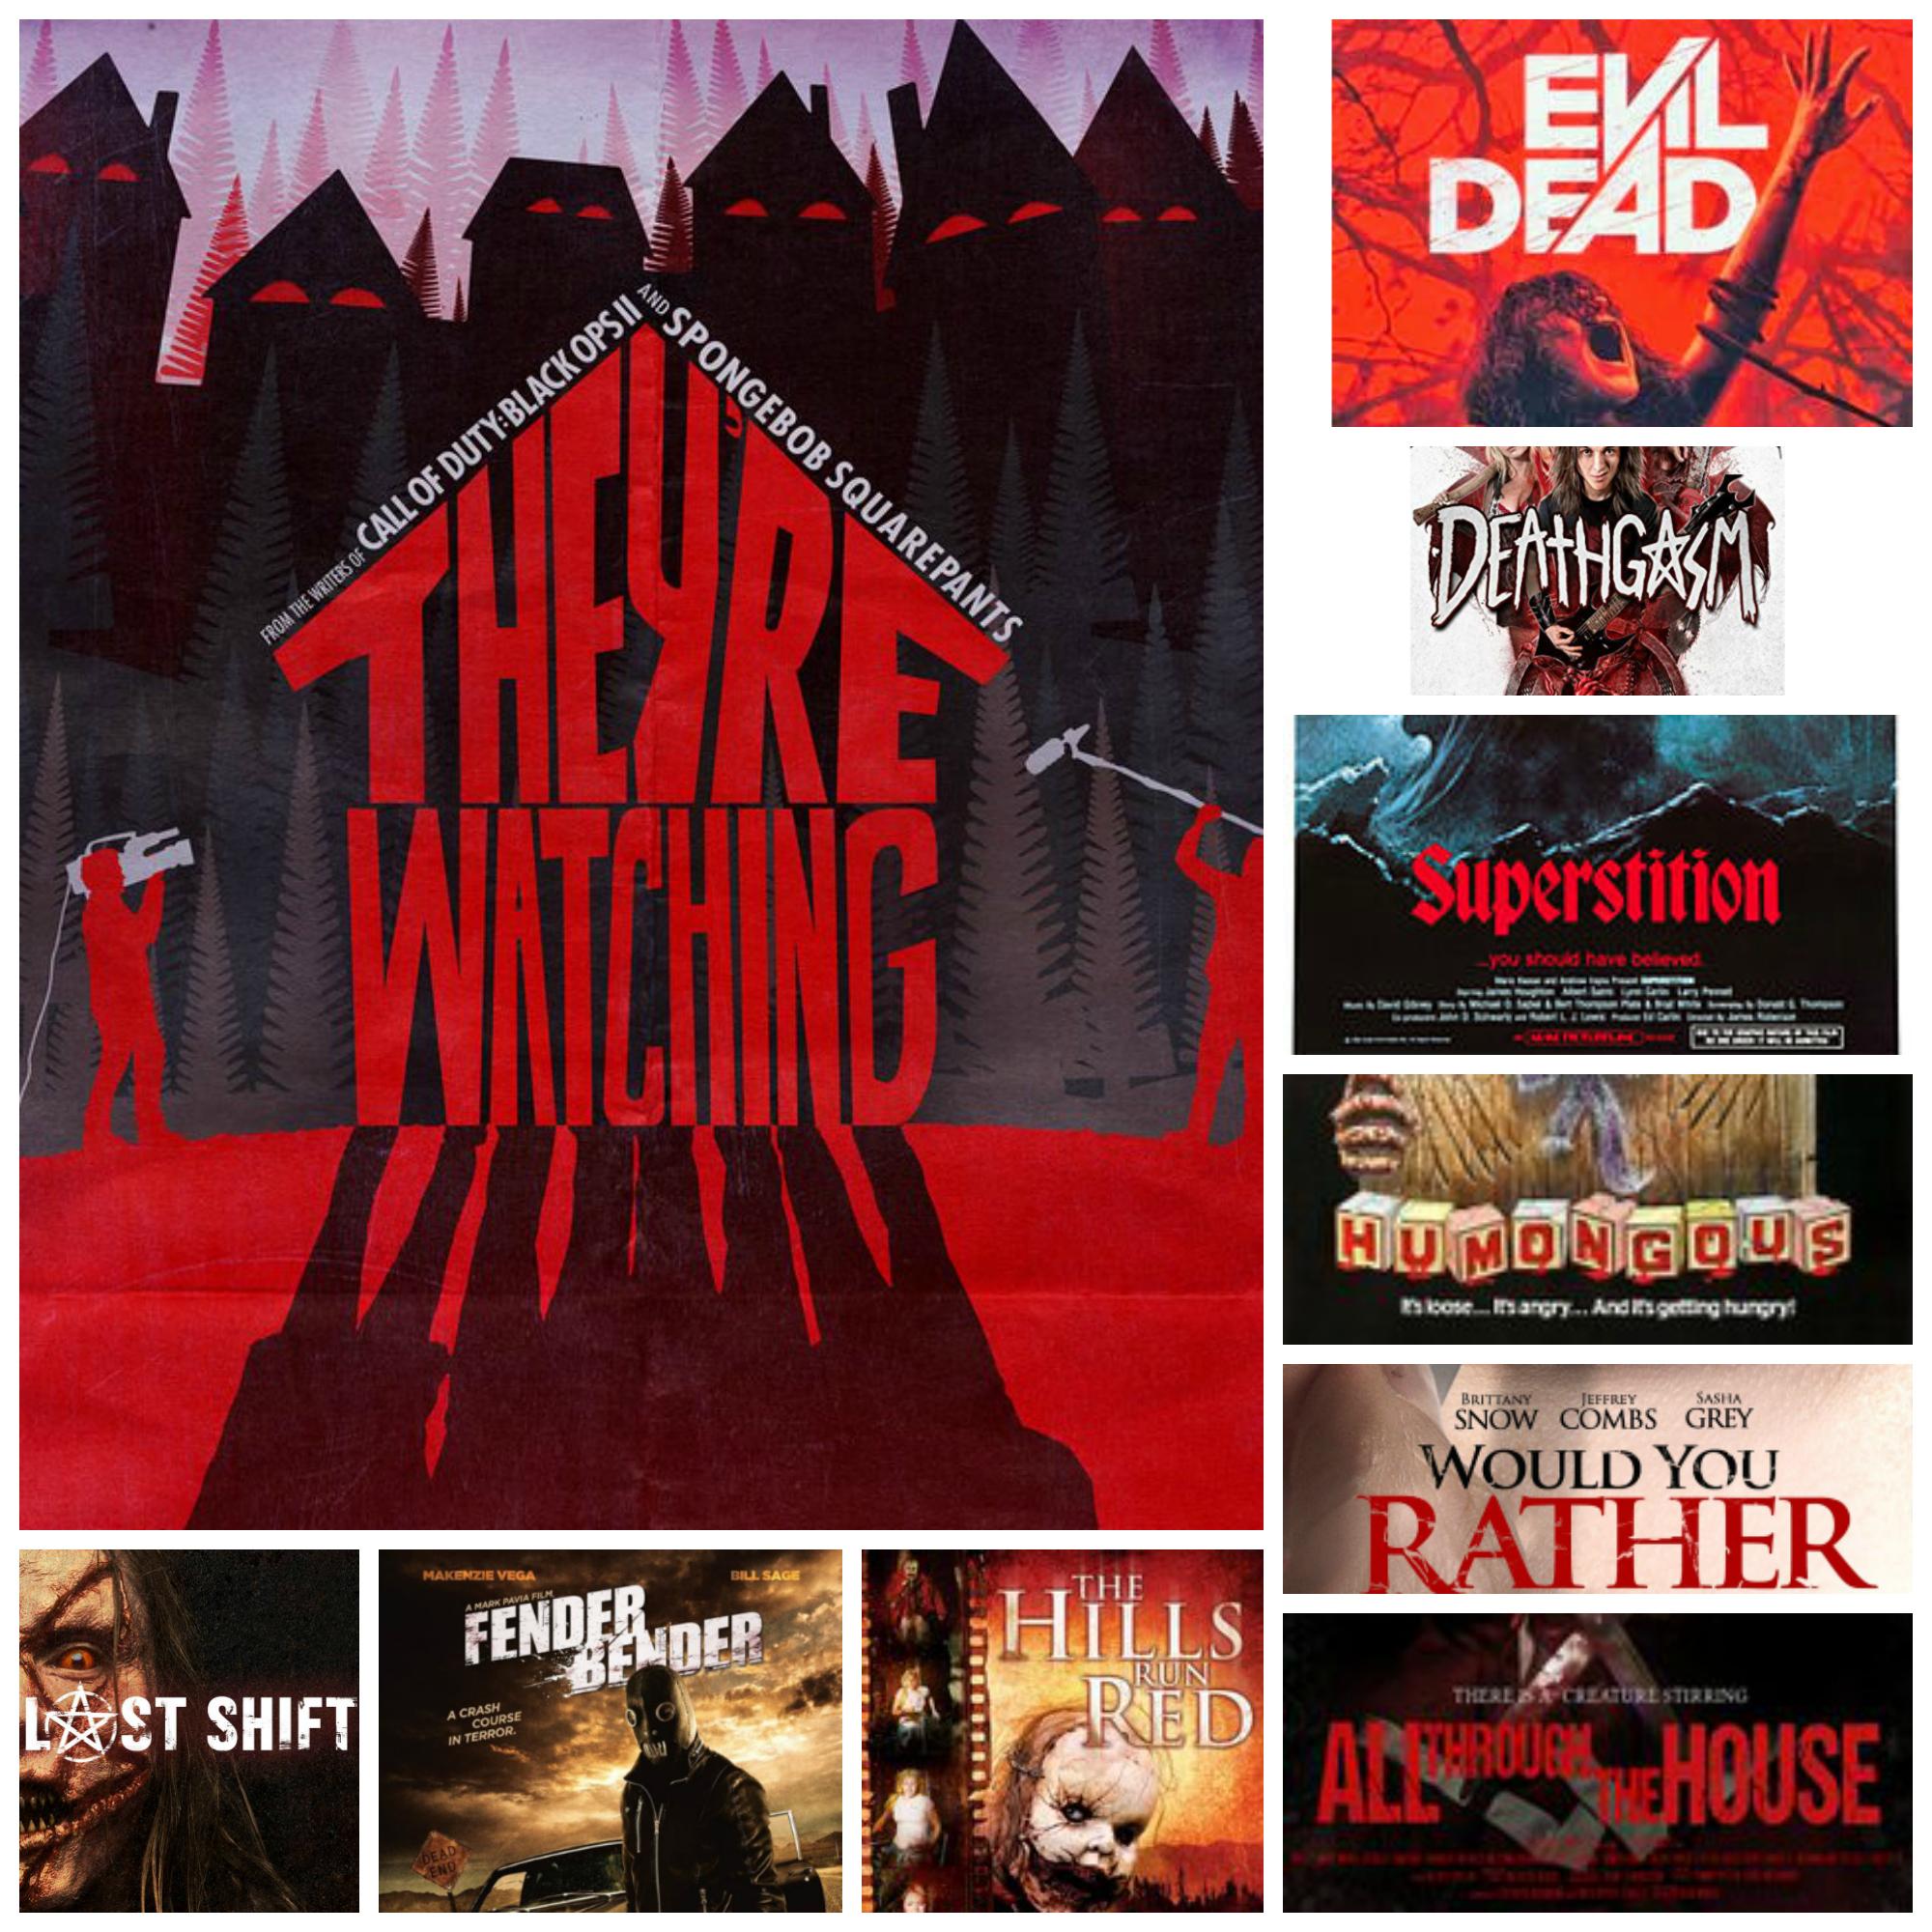 Top 10 Horror Flicks For Halloween! - Bloody Whisper